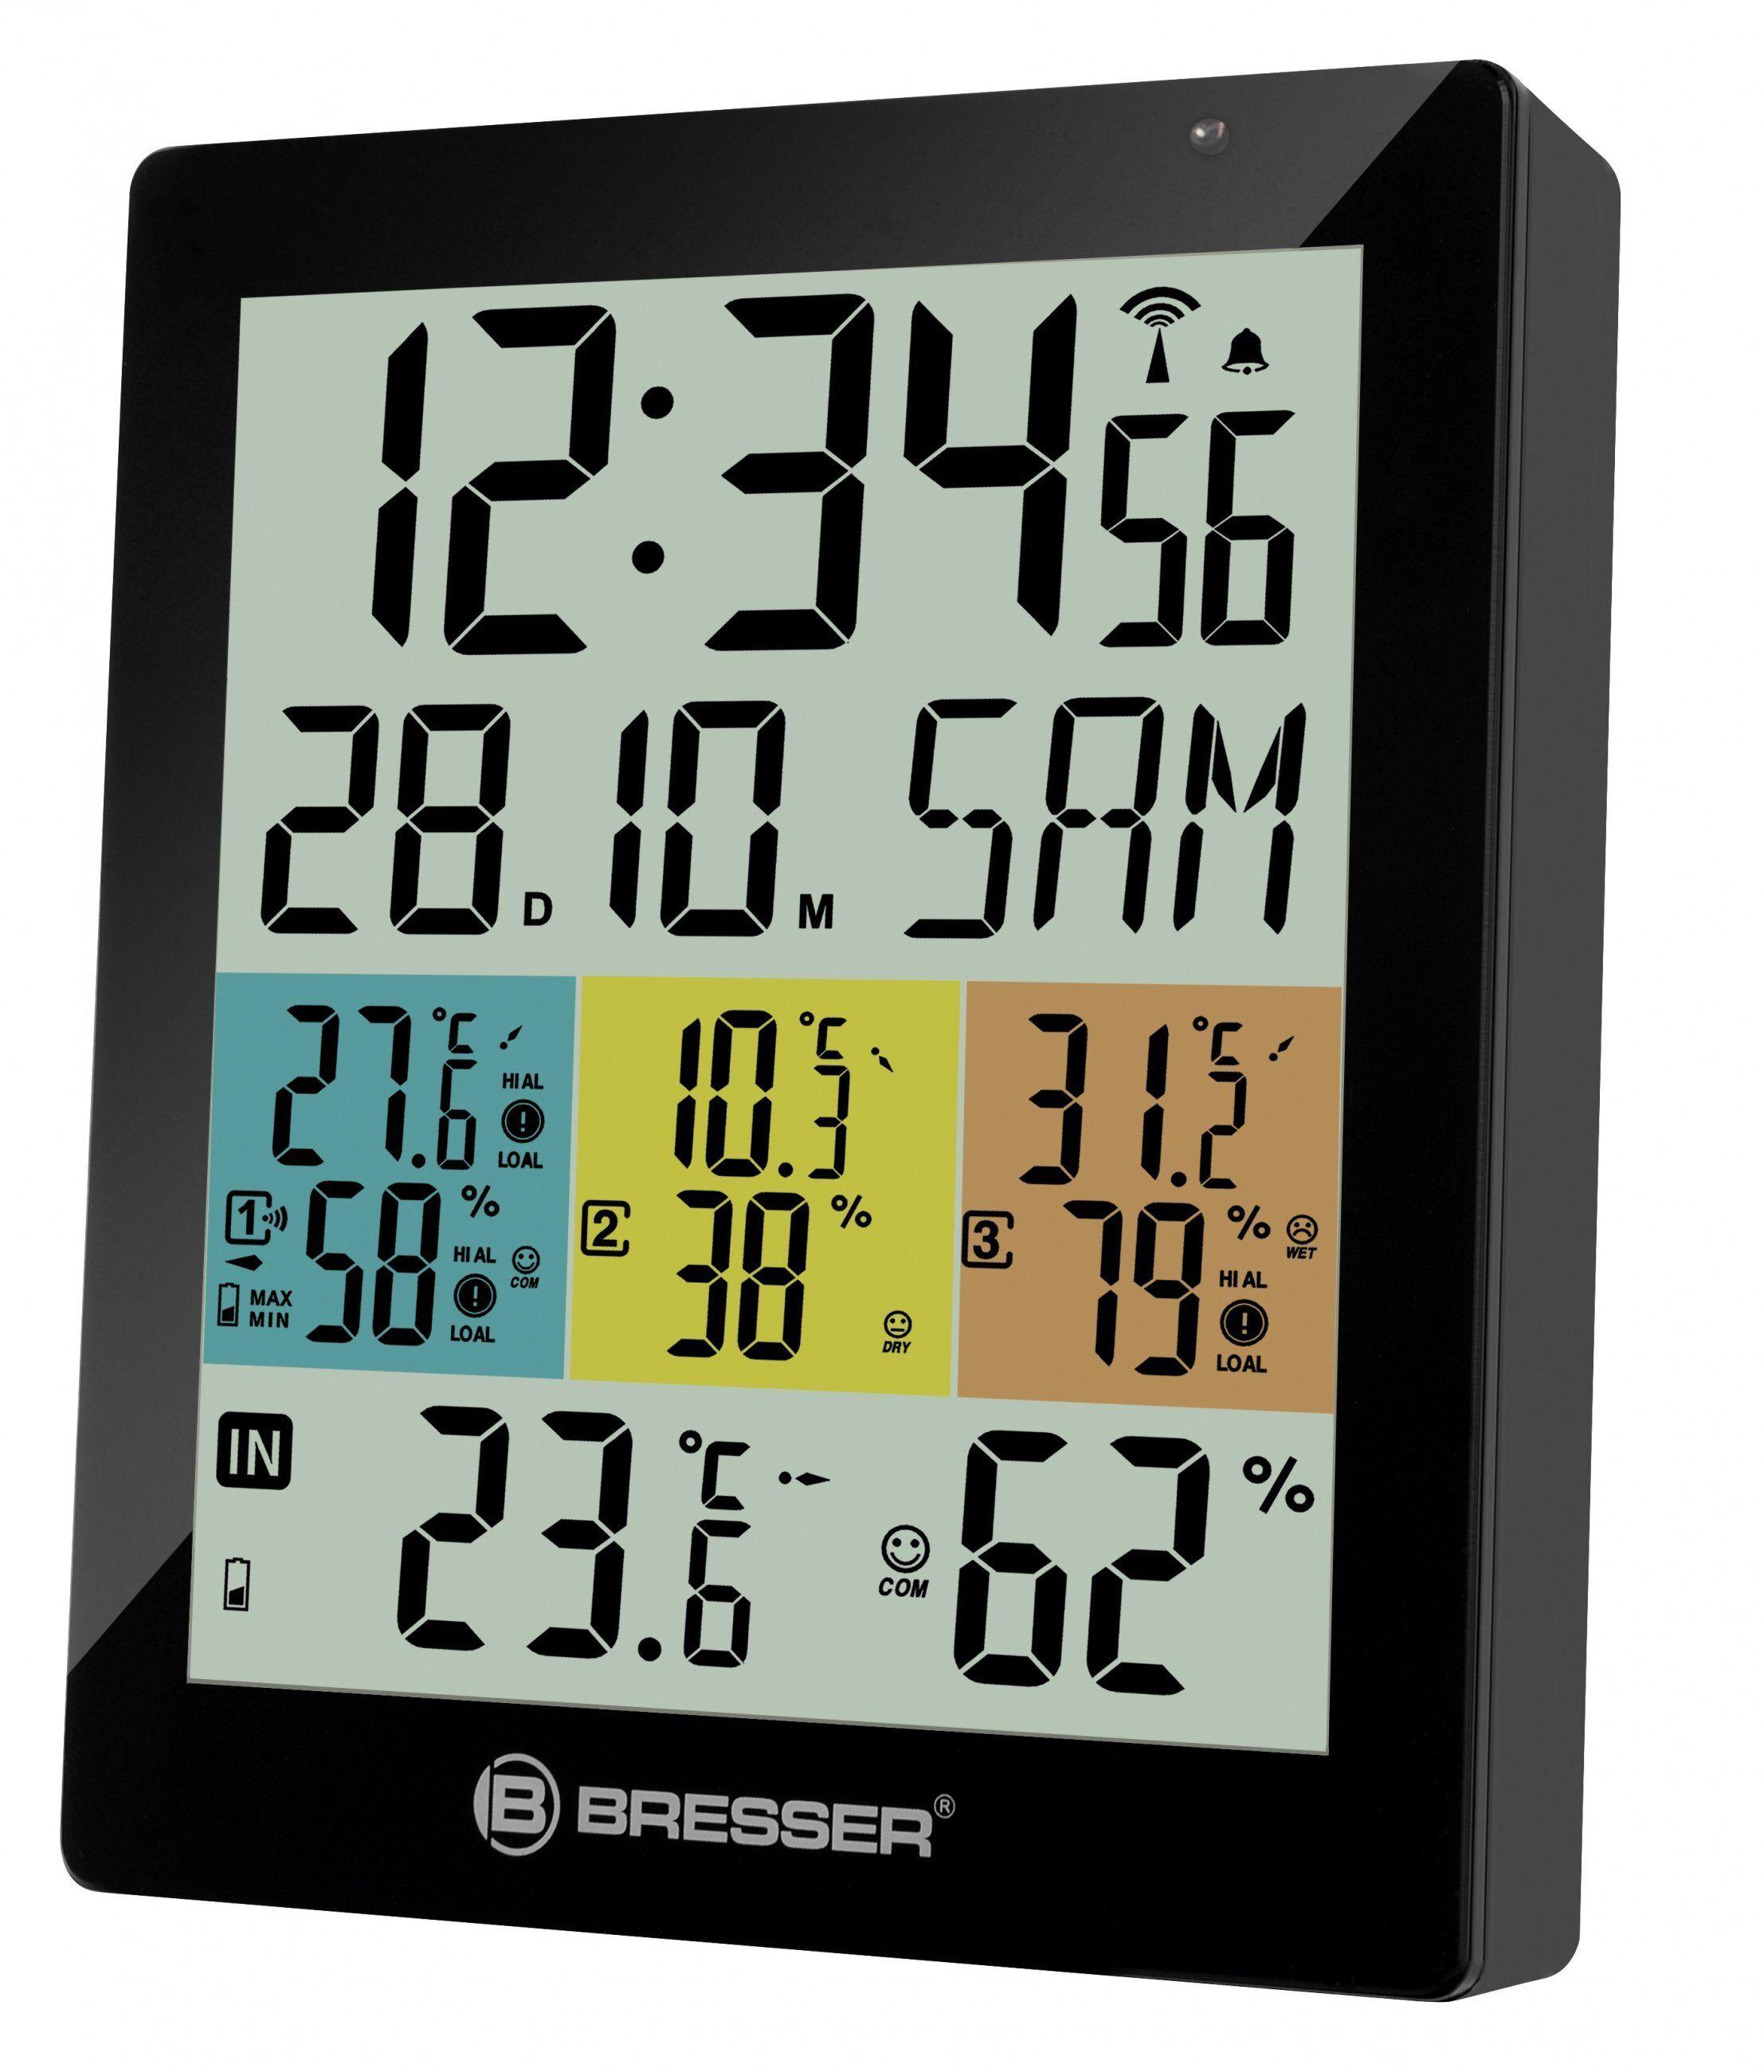 BRESSER Thermometer »Temeo Hygro Quadro DLX für 4 Messorte gleichzeitig«, schwarz